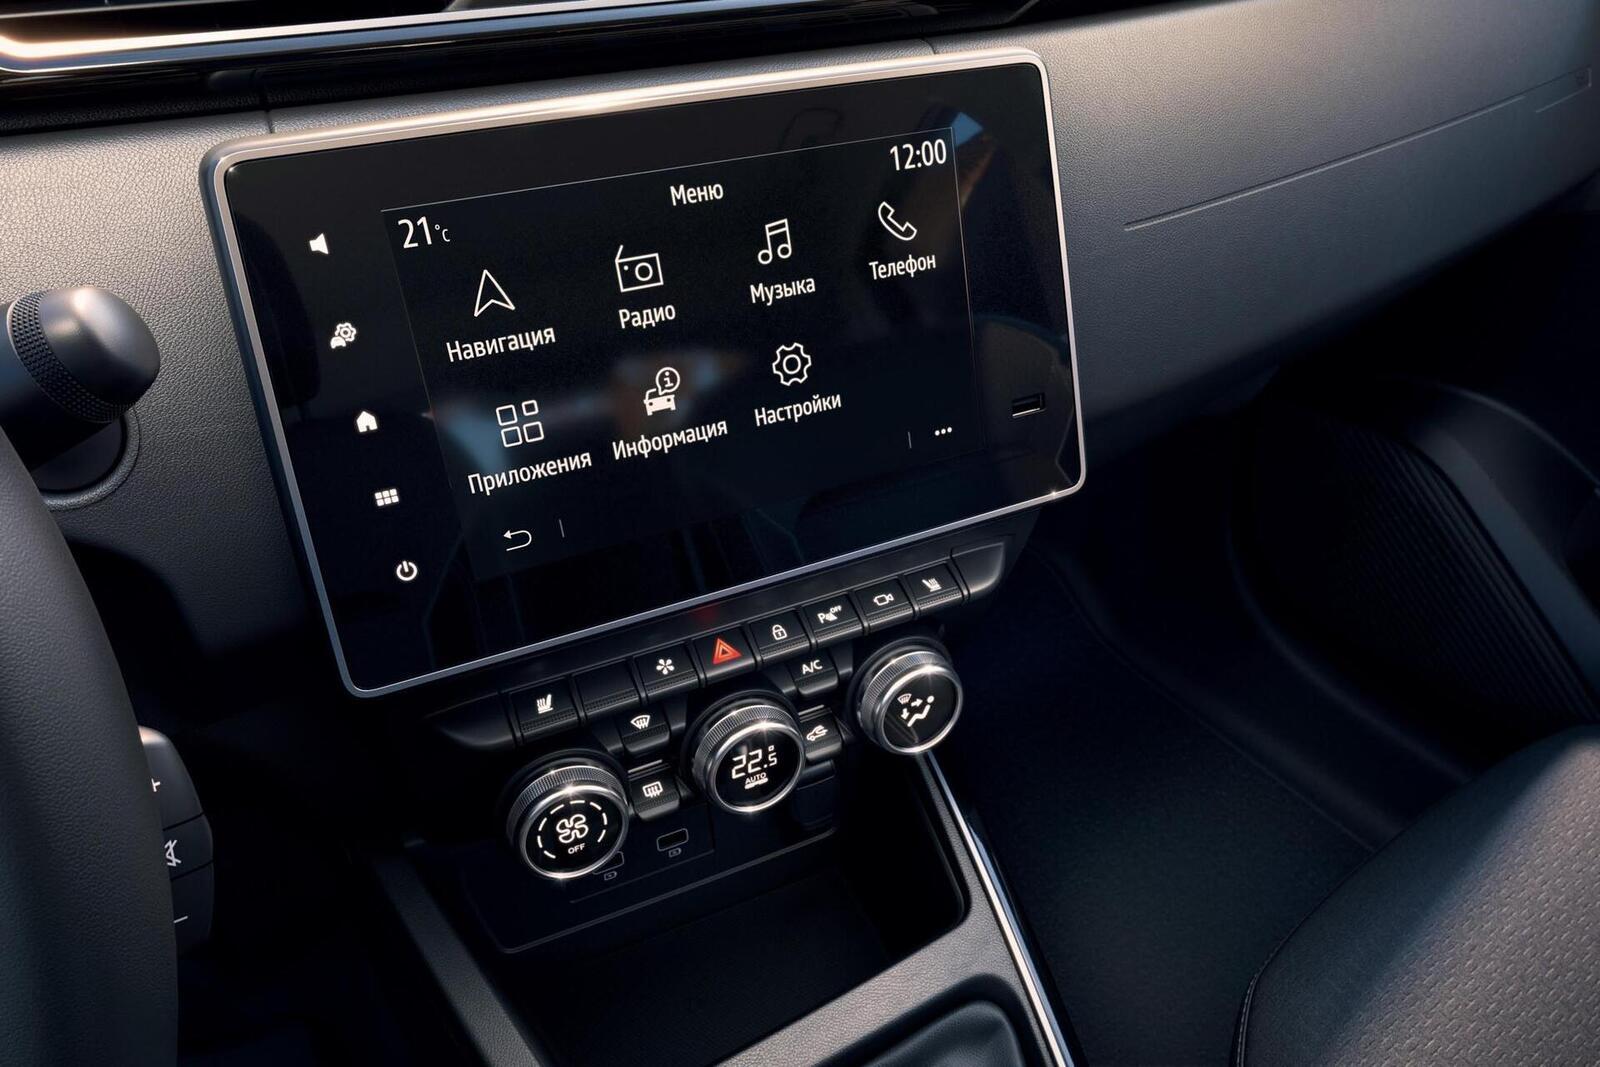 Renault giới thiệu Arkana mới: SUV Coupe mang thiết kế tương tự BMW X6 - Hình 14